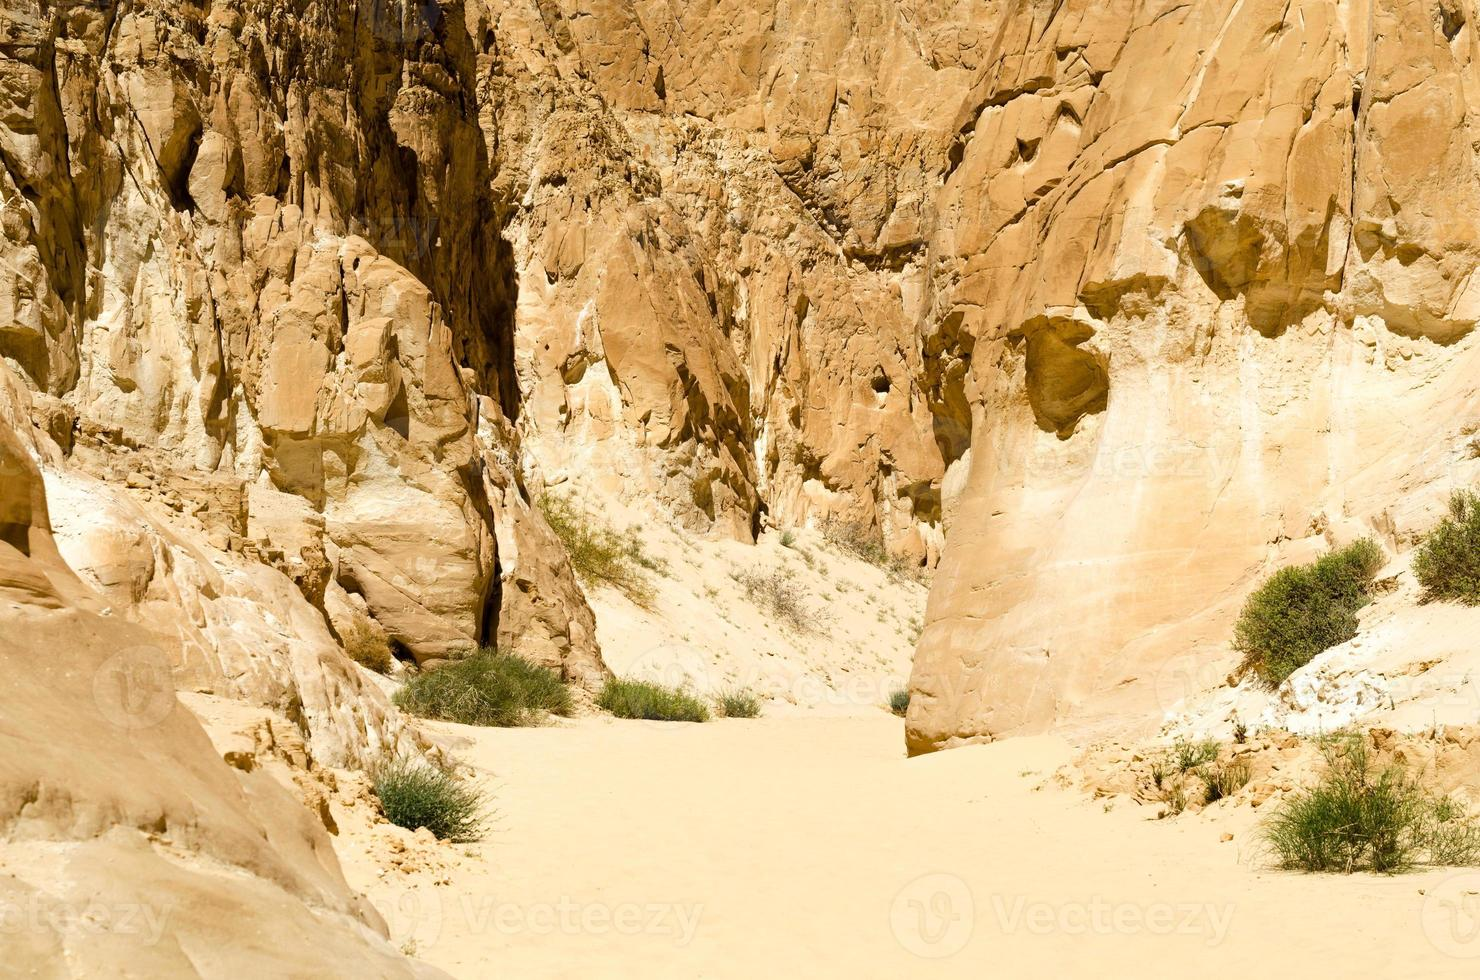 arbustes poussant dans les rochers et le sable photo